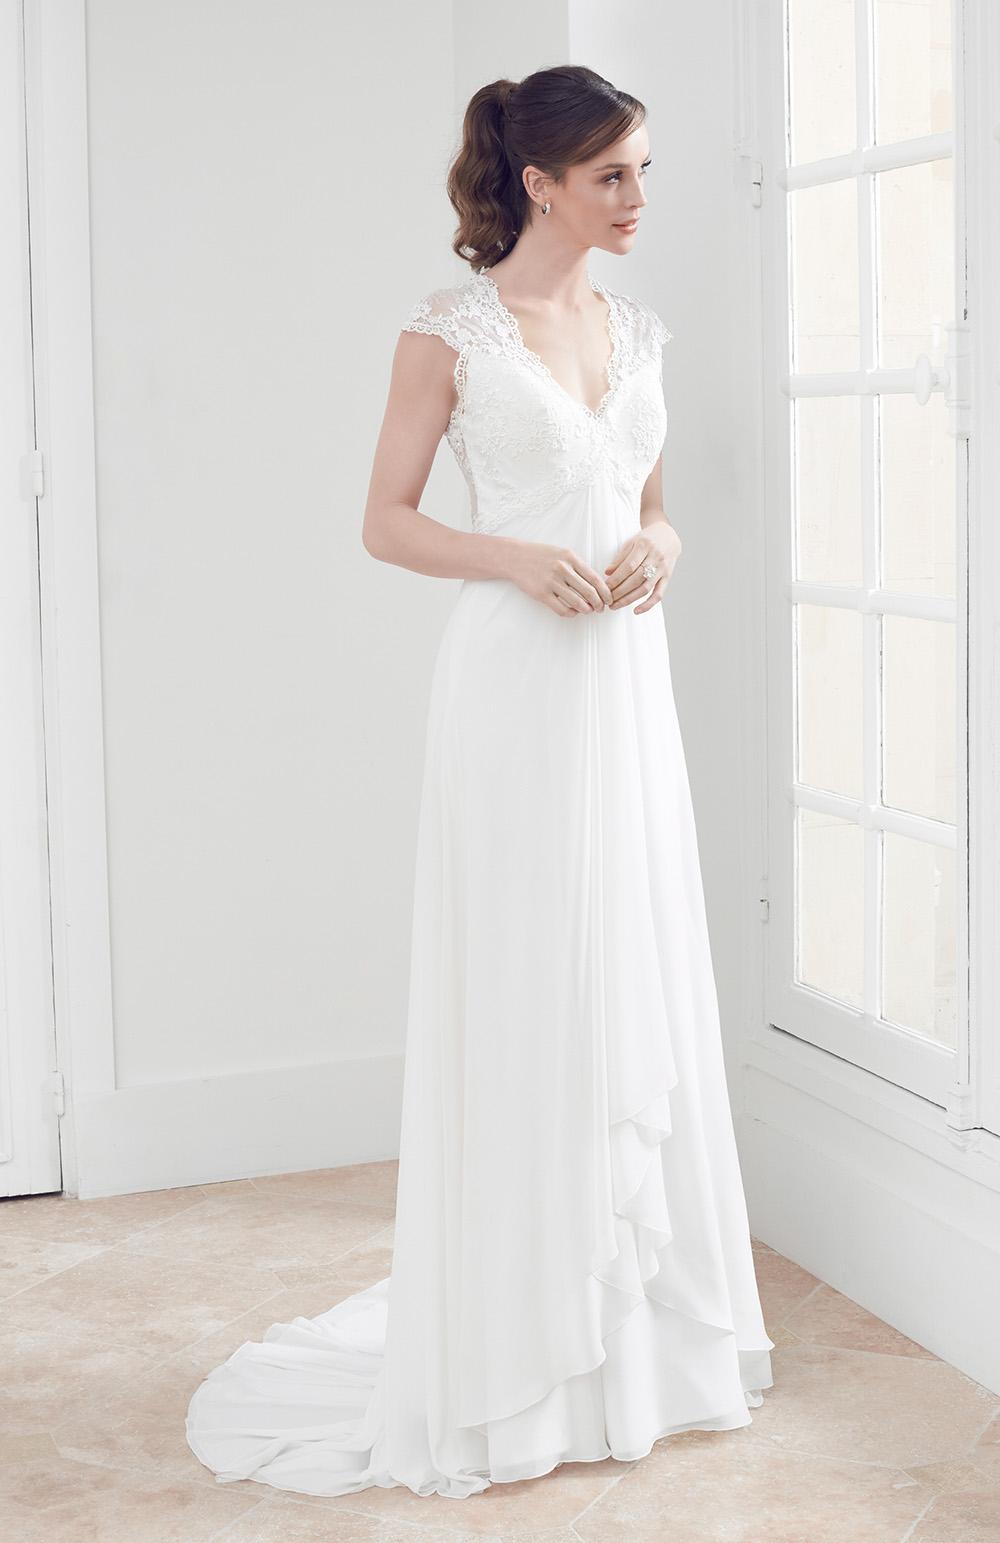 Robe de mariée Modèle Paola